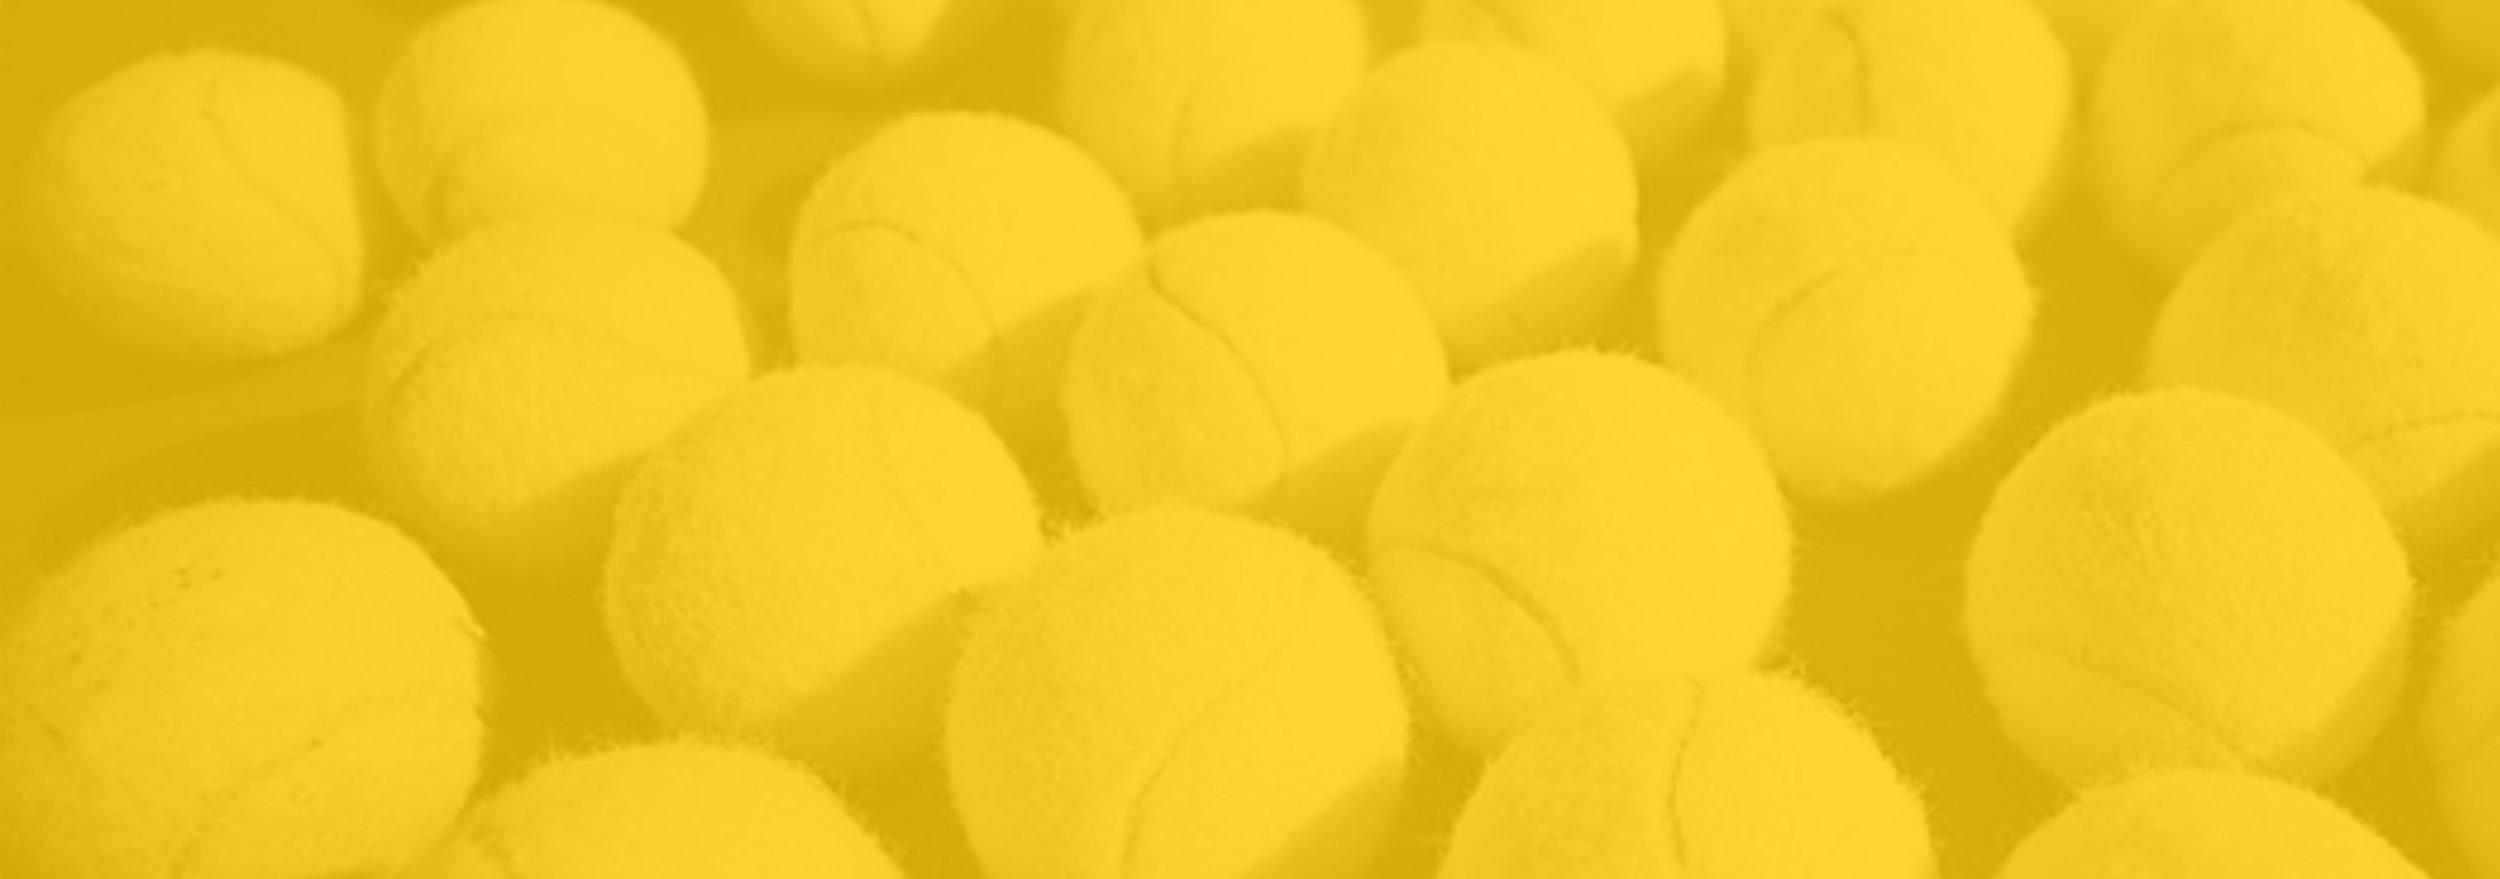 click through to TENNIS -